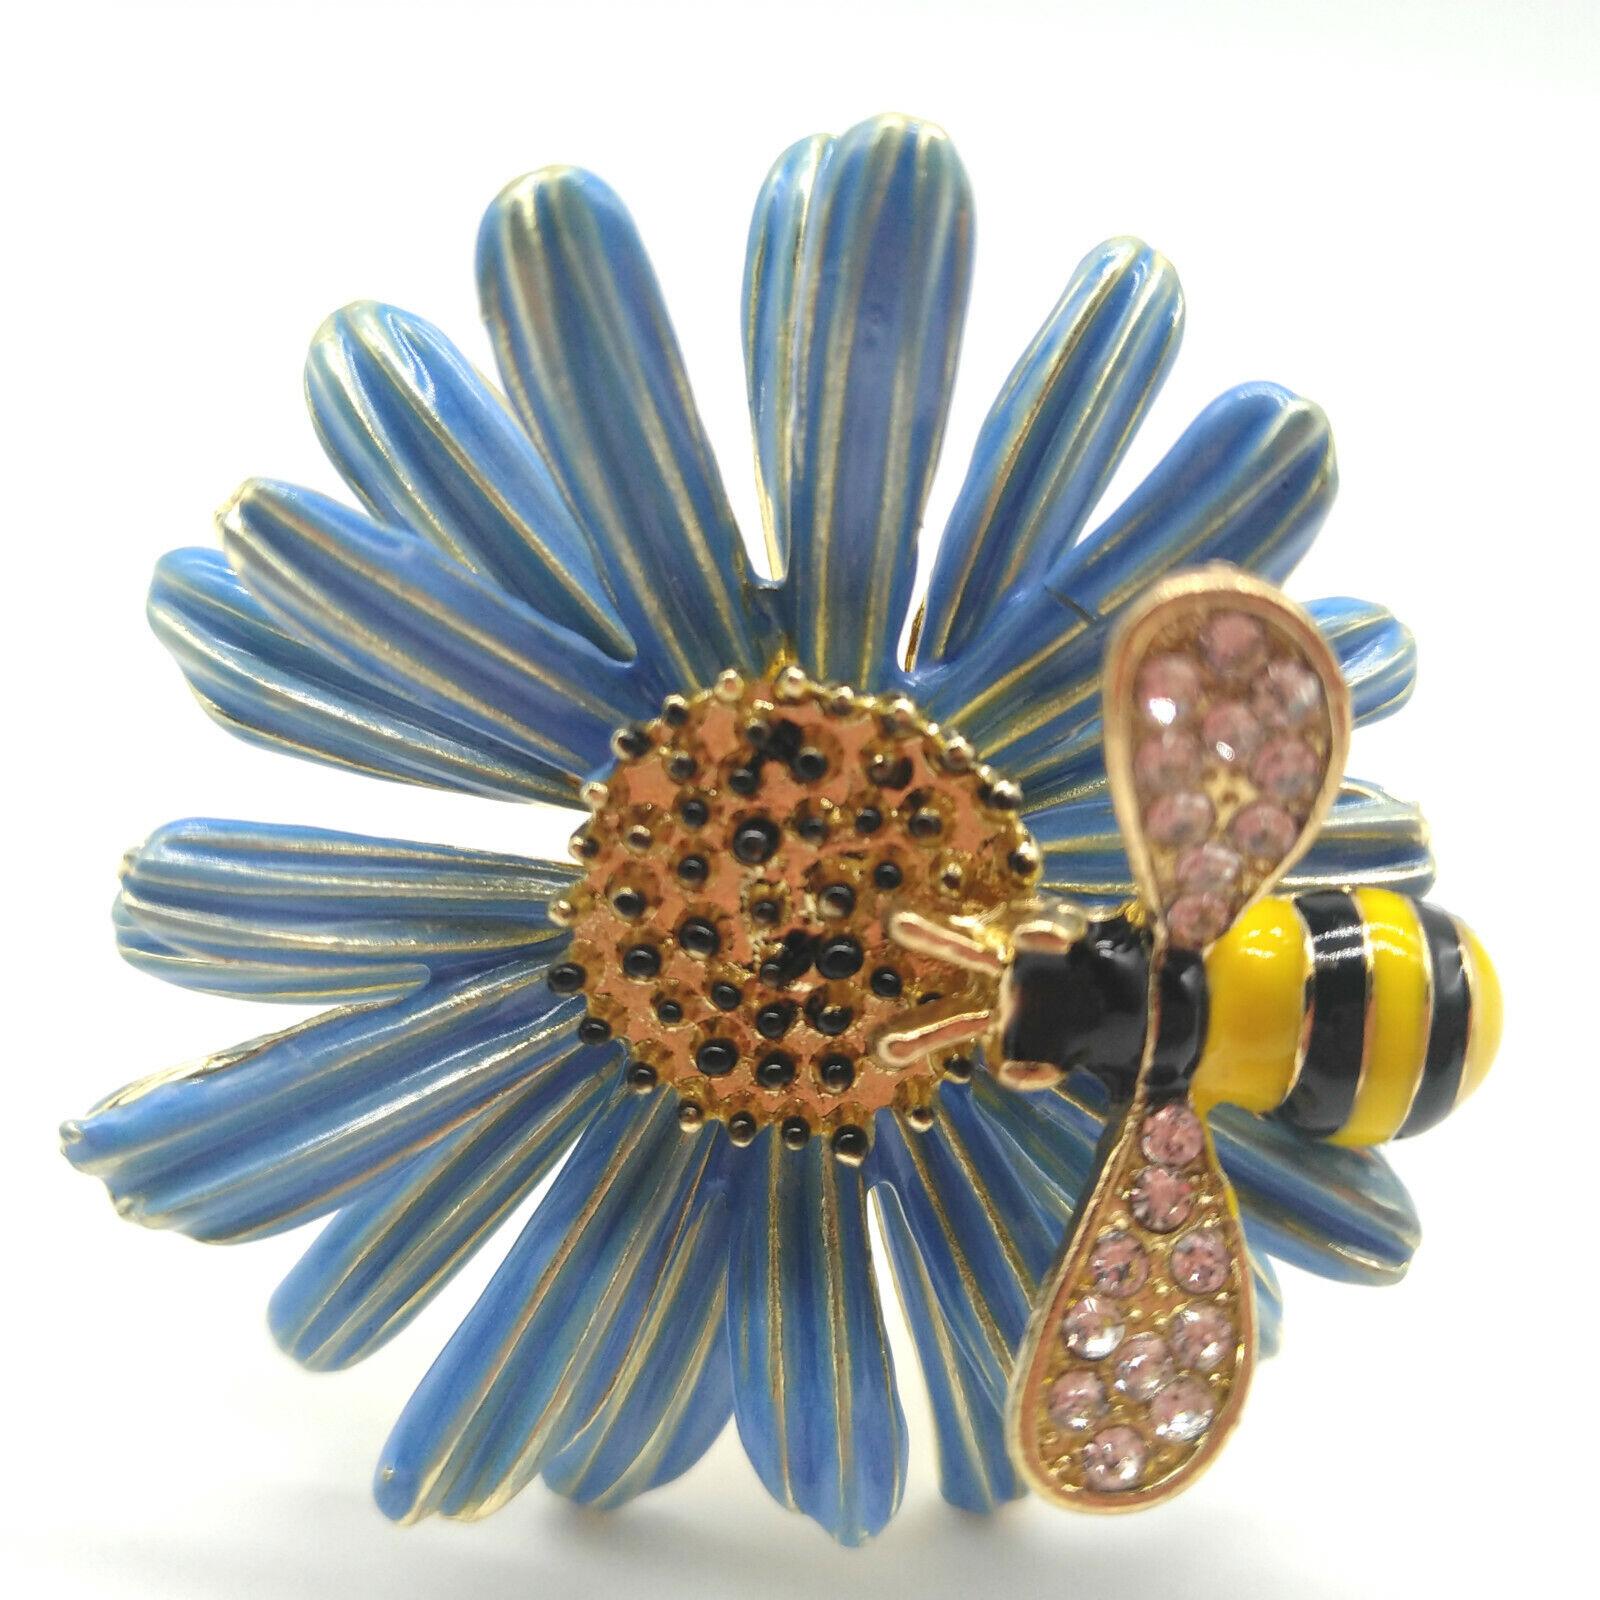 Blue Daisy Flower Napkin Rings, Set of 6 Bee Napkin Holders